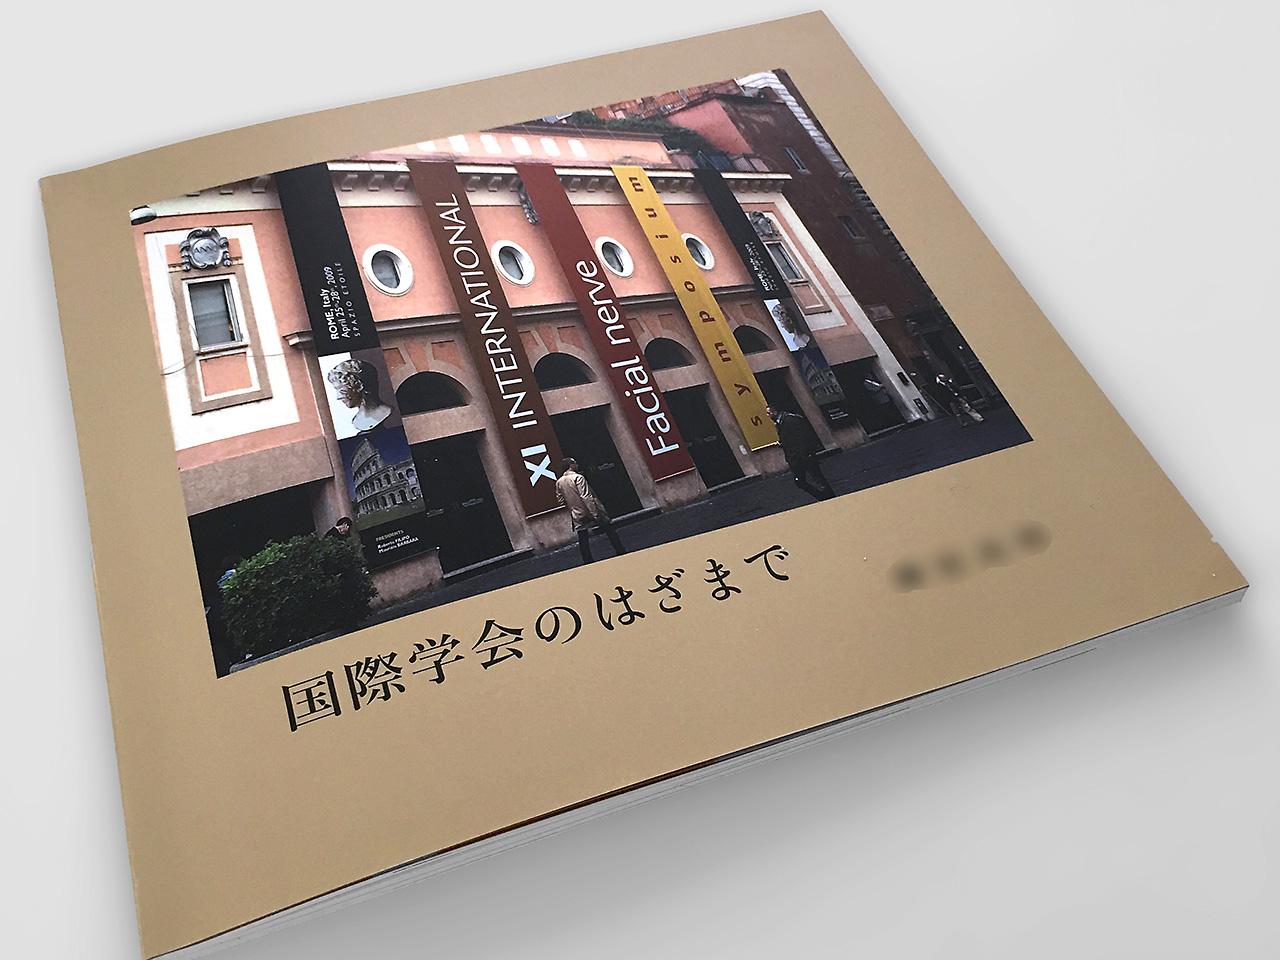 【自費出版制作事例】写真集「国際学会のはざまで」